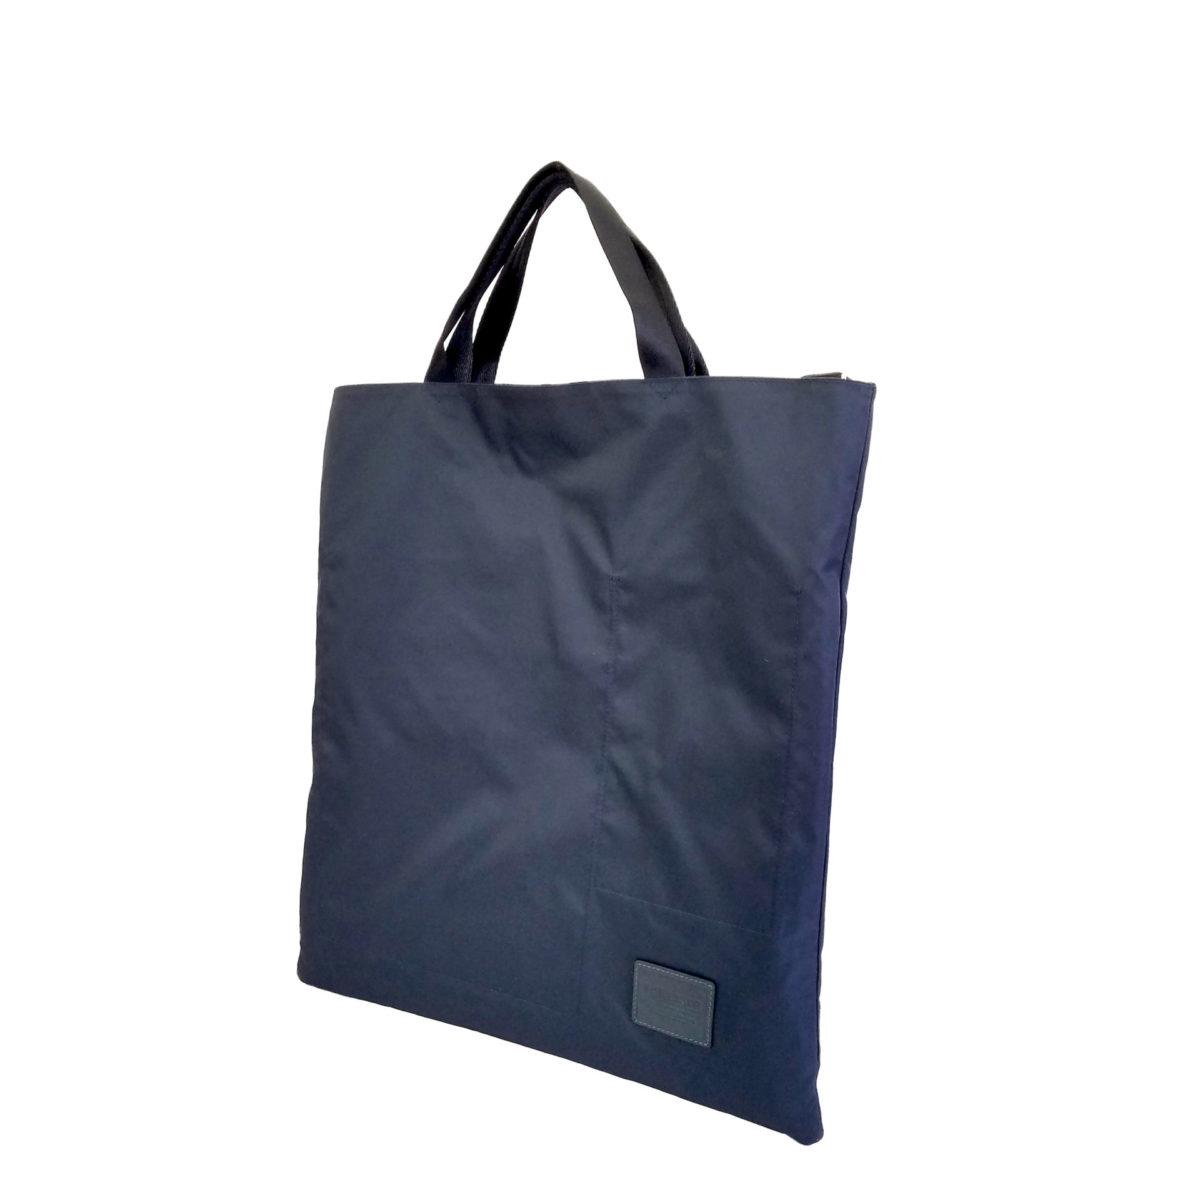 京都限定のELISIR caede KYOTO | エリシアカエデ京都のバッグシリーズ Adria Misto Cerberus 3 face tote